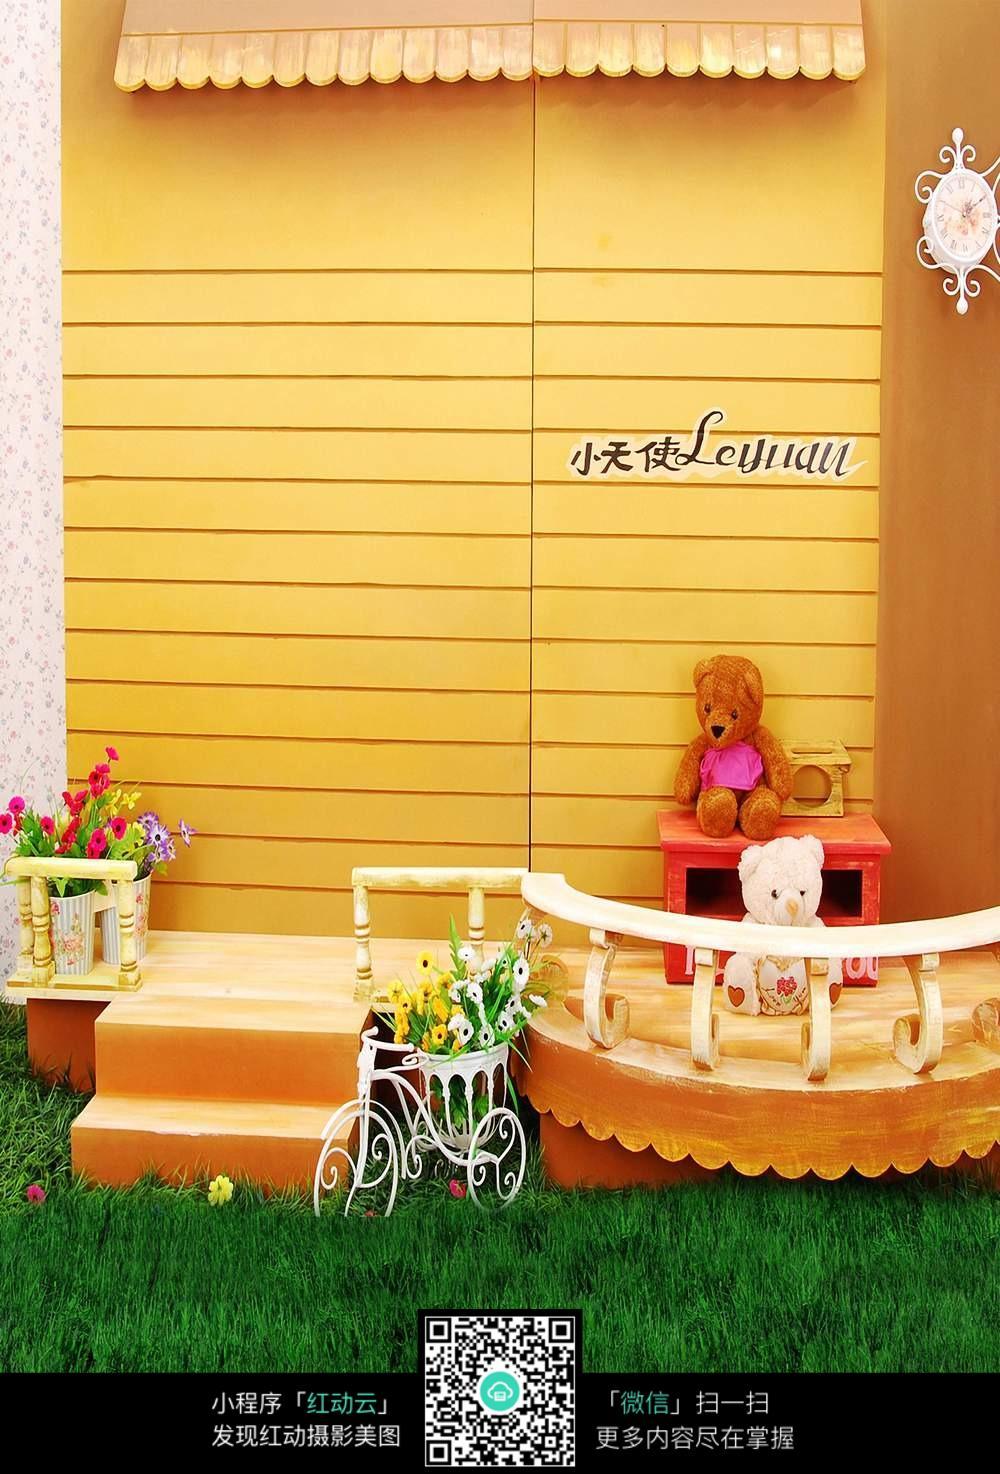 儿童 写真 草地 围栏